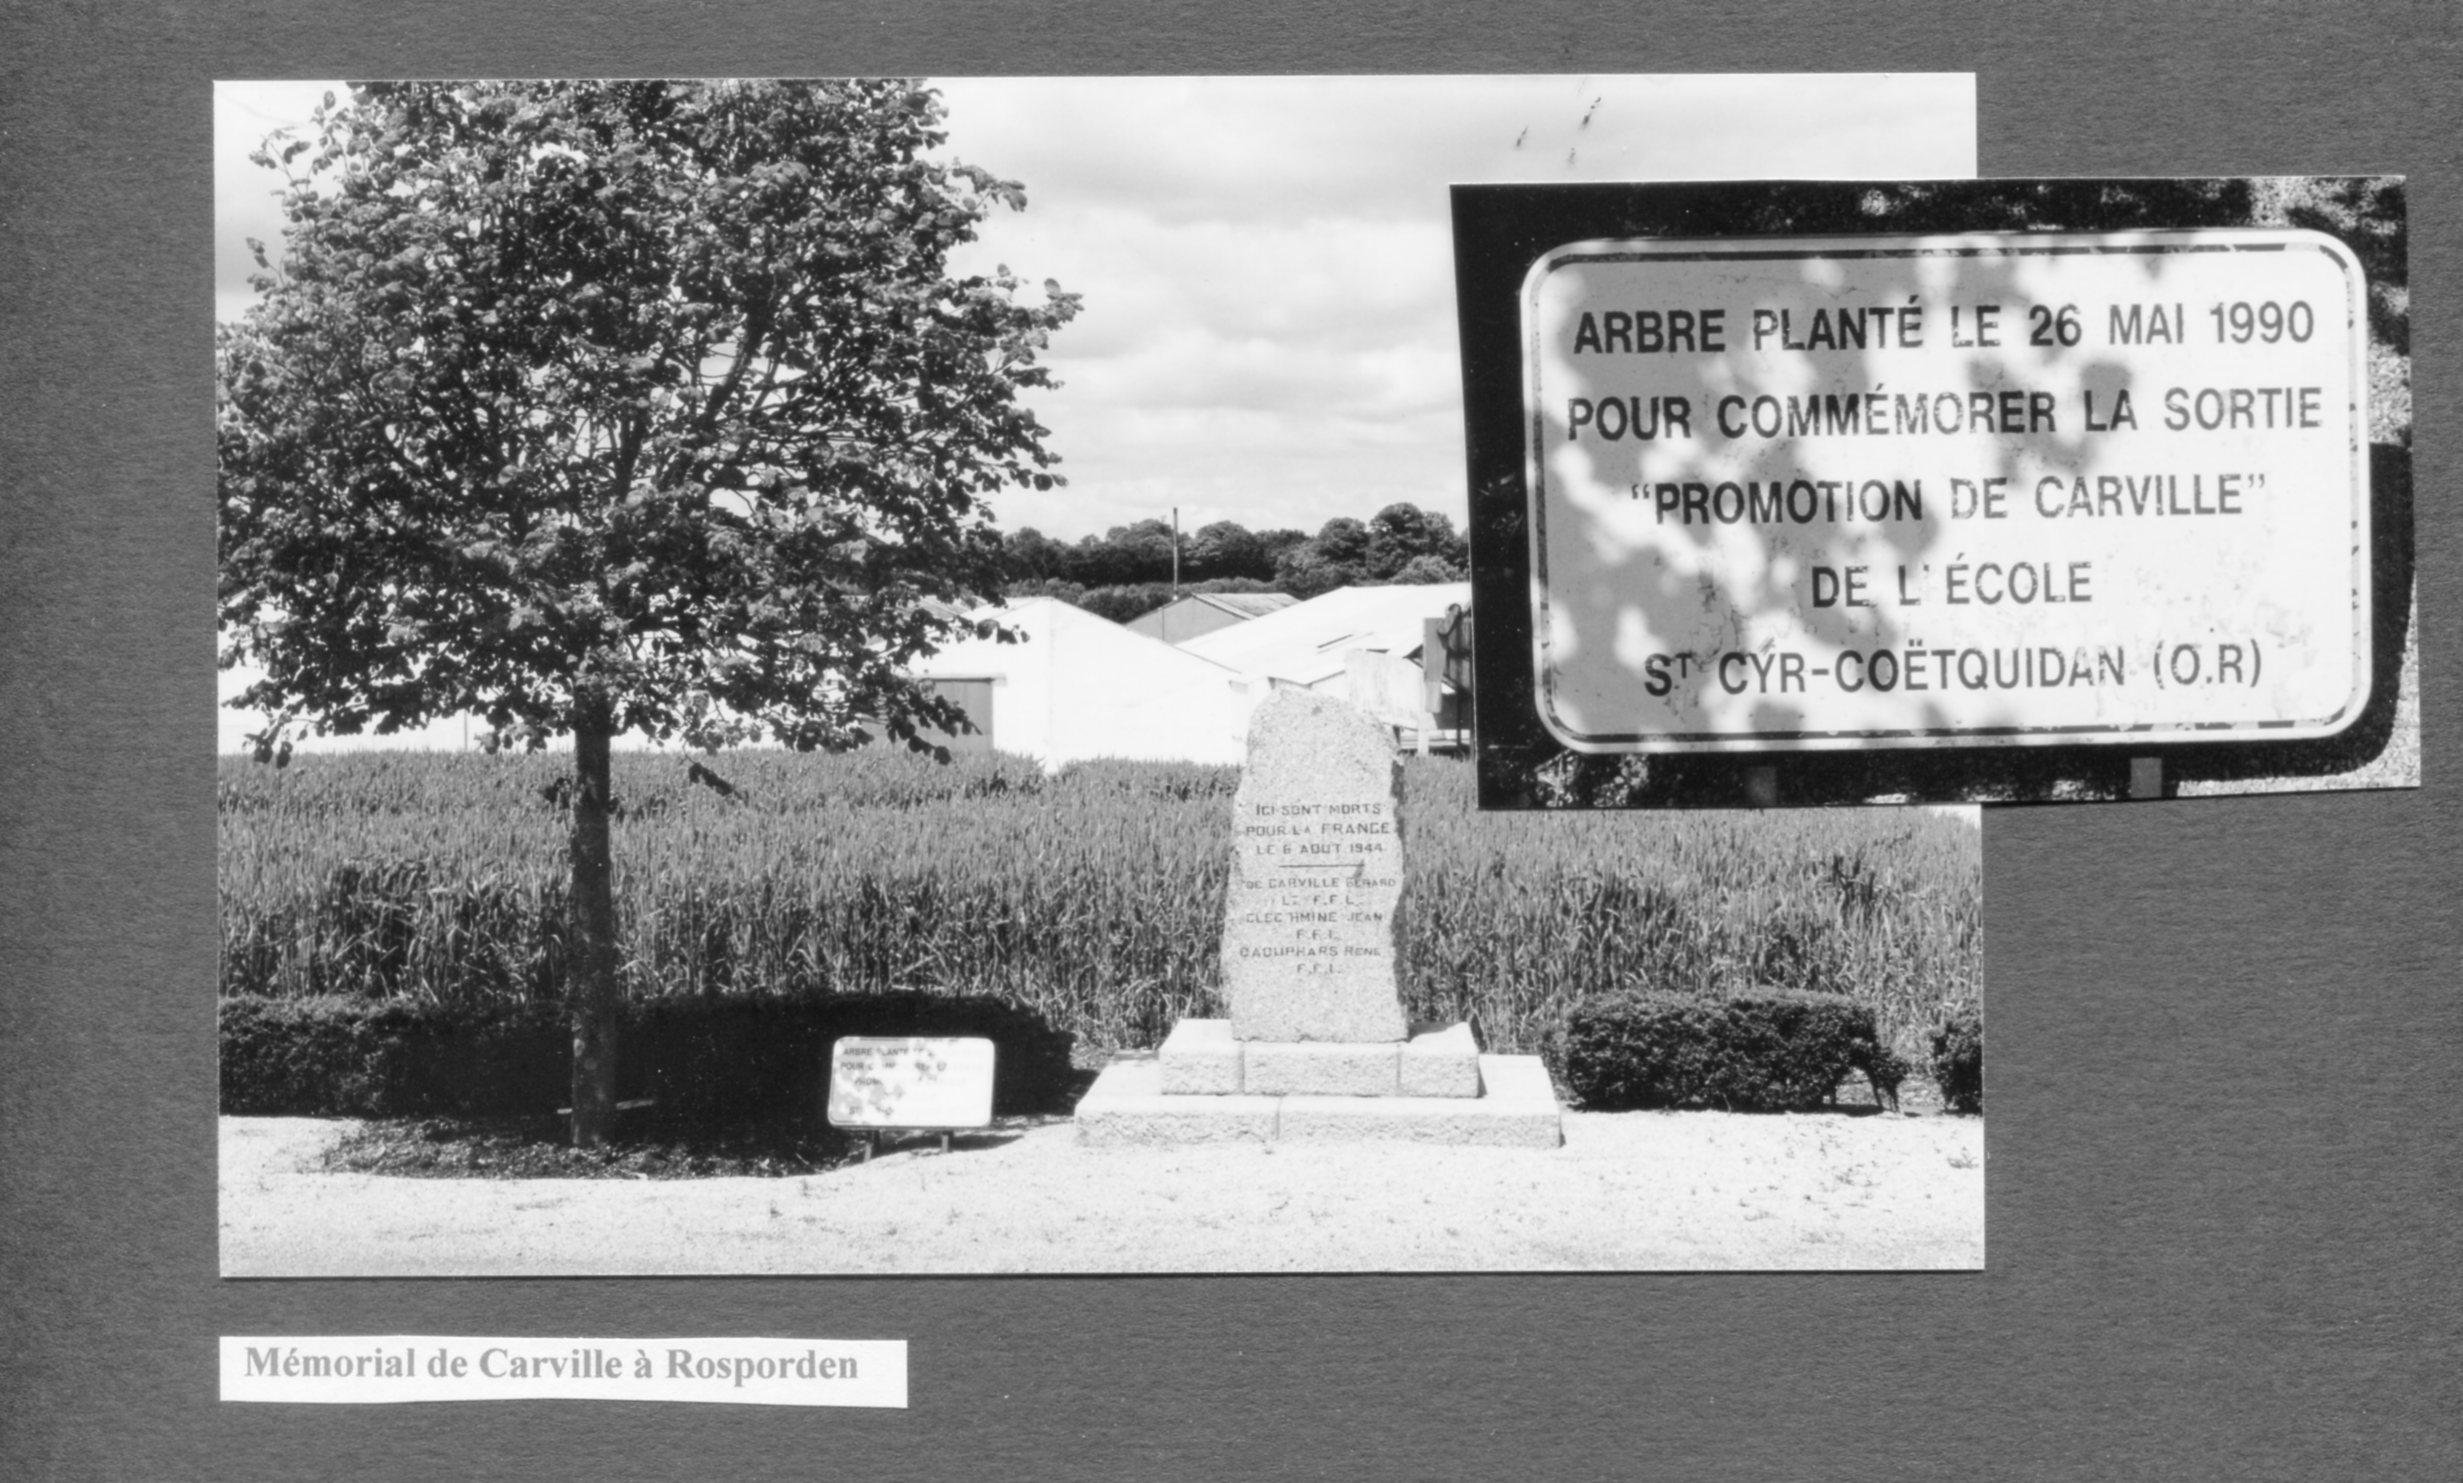 Outre le Monument, un arbre a été planté à la mémoire de la promotion qui porte son nom